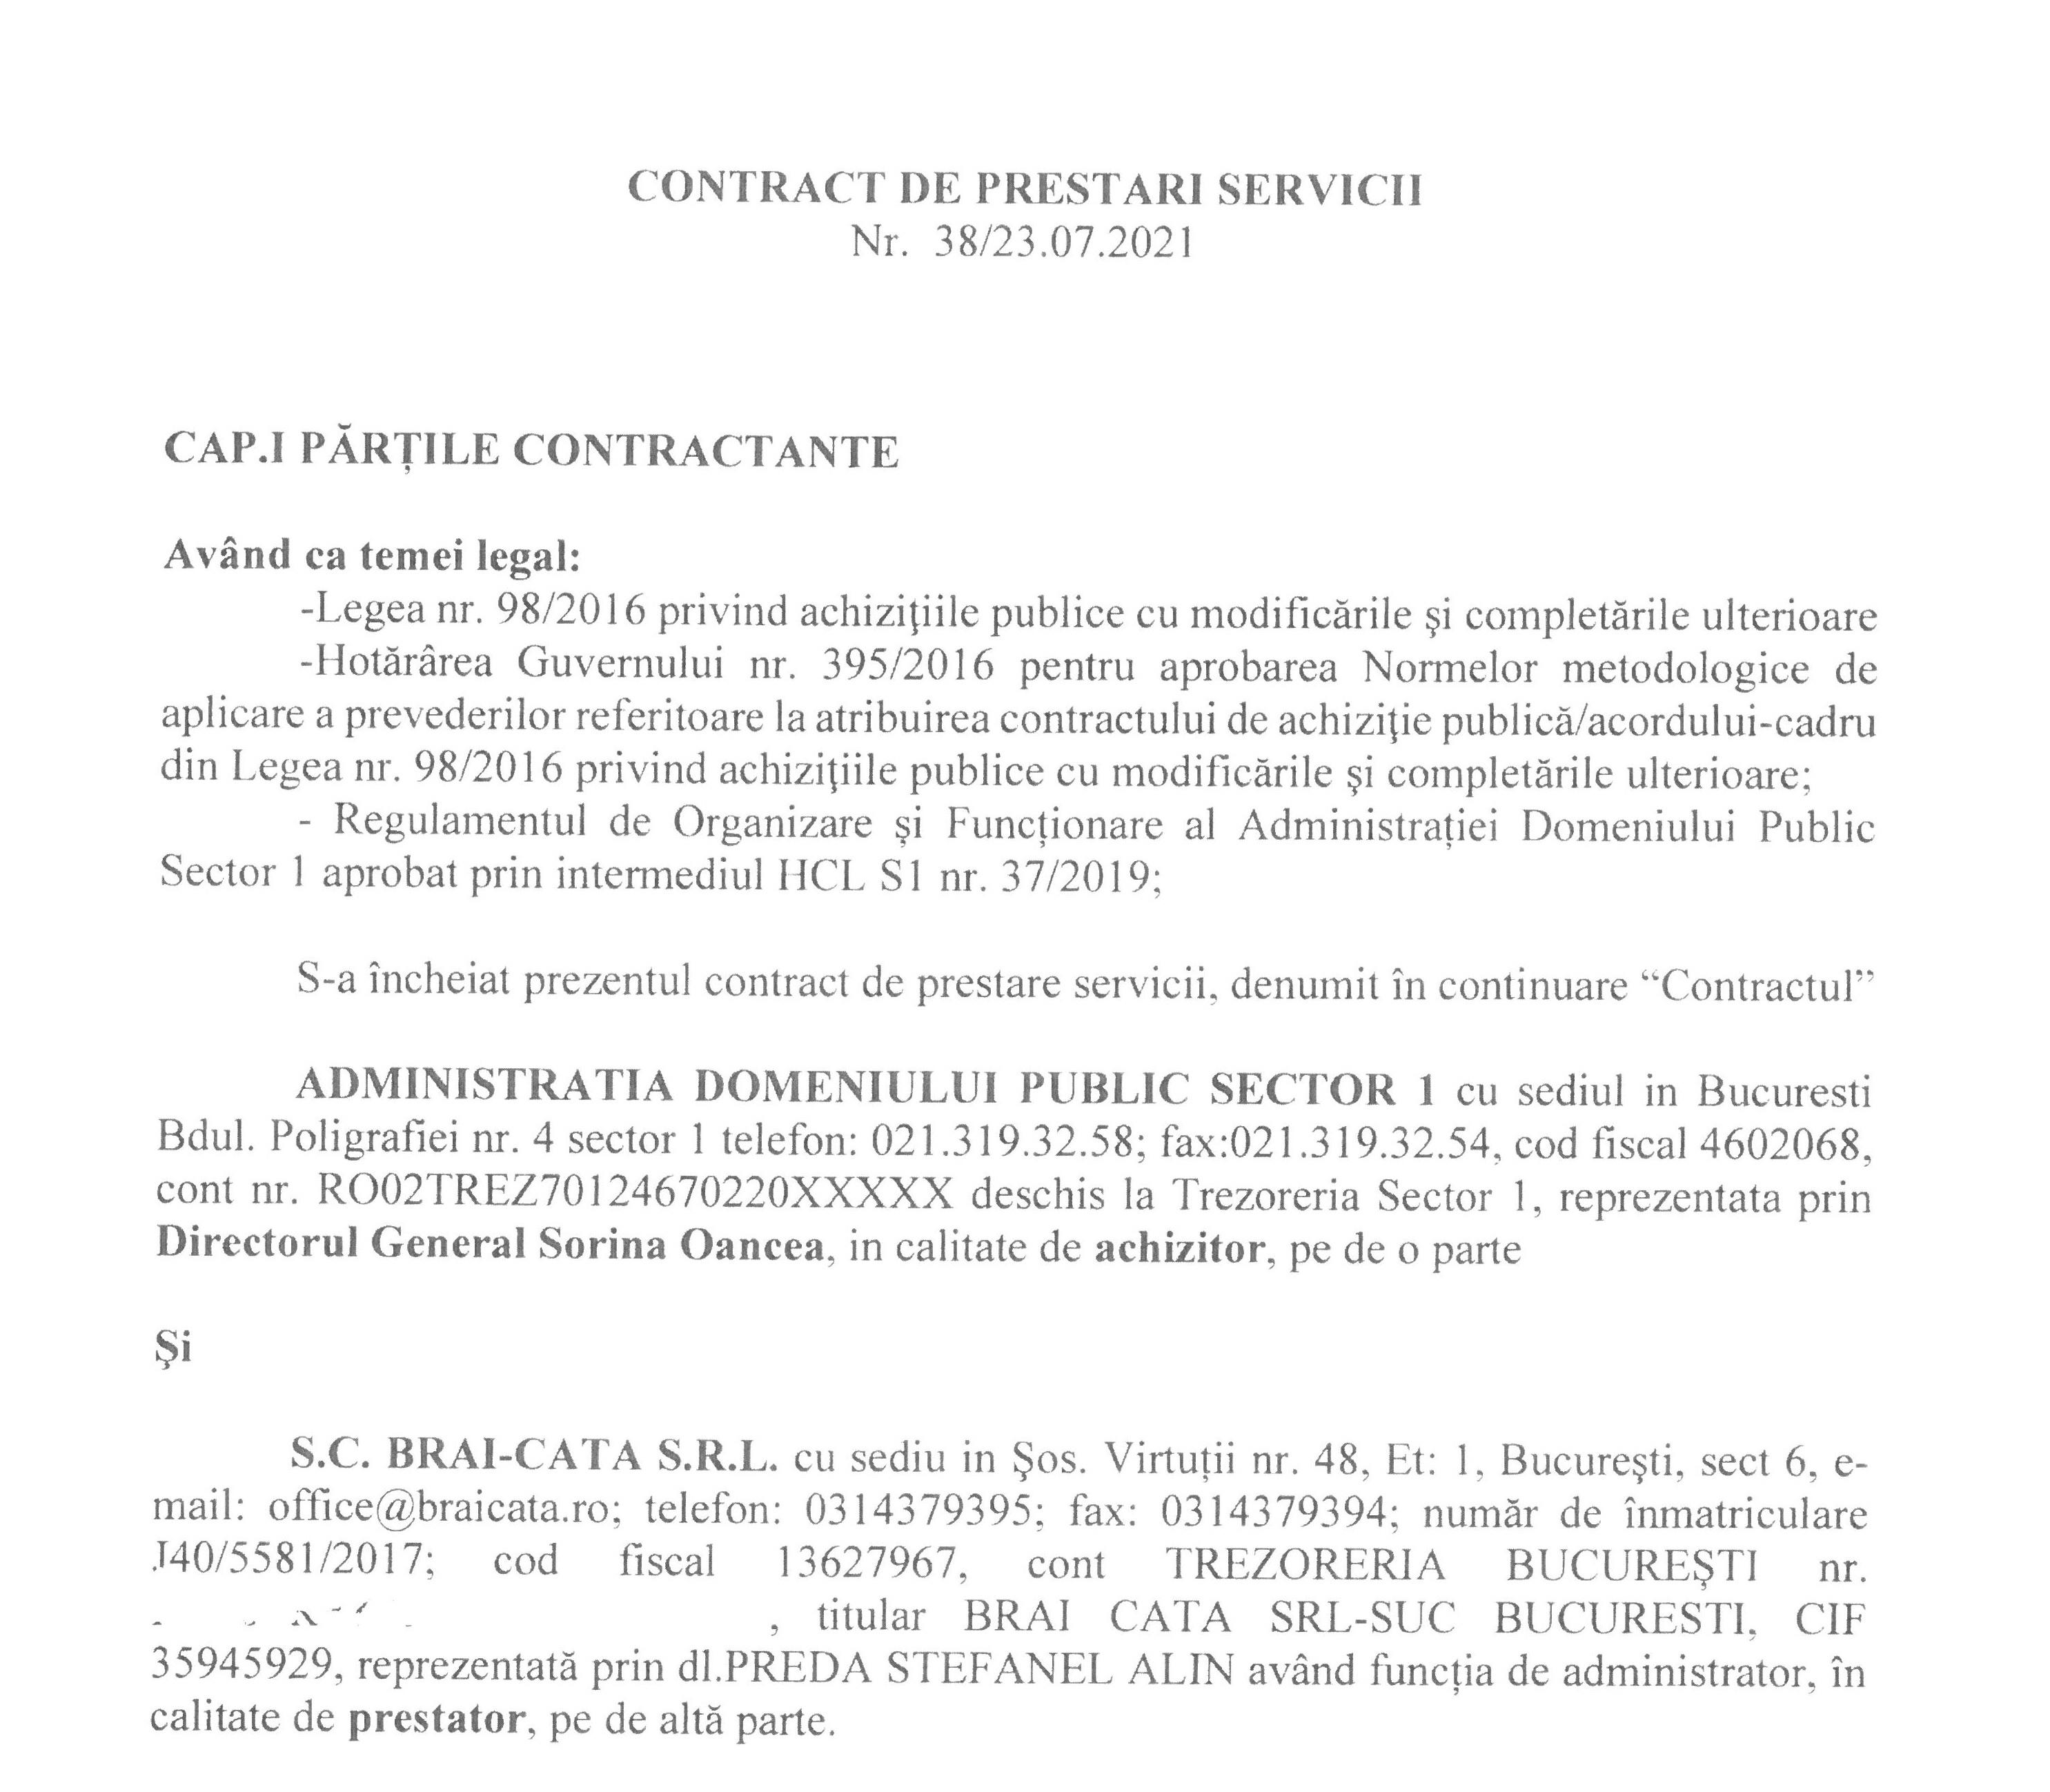 Publicăm contractul încheiat cu S.C. BRAI-CATA S.R.L. pentru activitatea de colectare, transport, depozitare/eliminare deșeuri